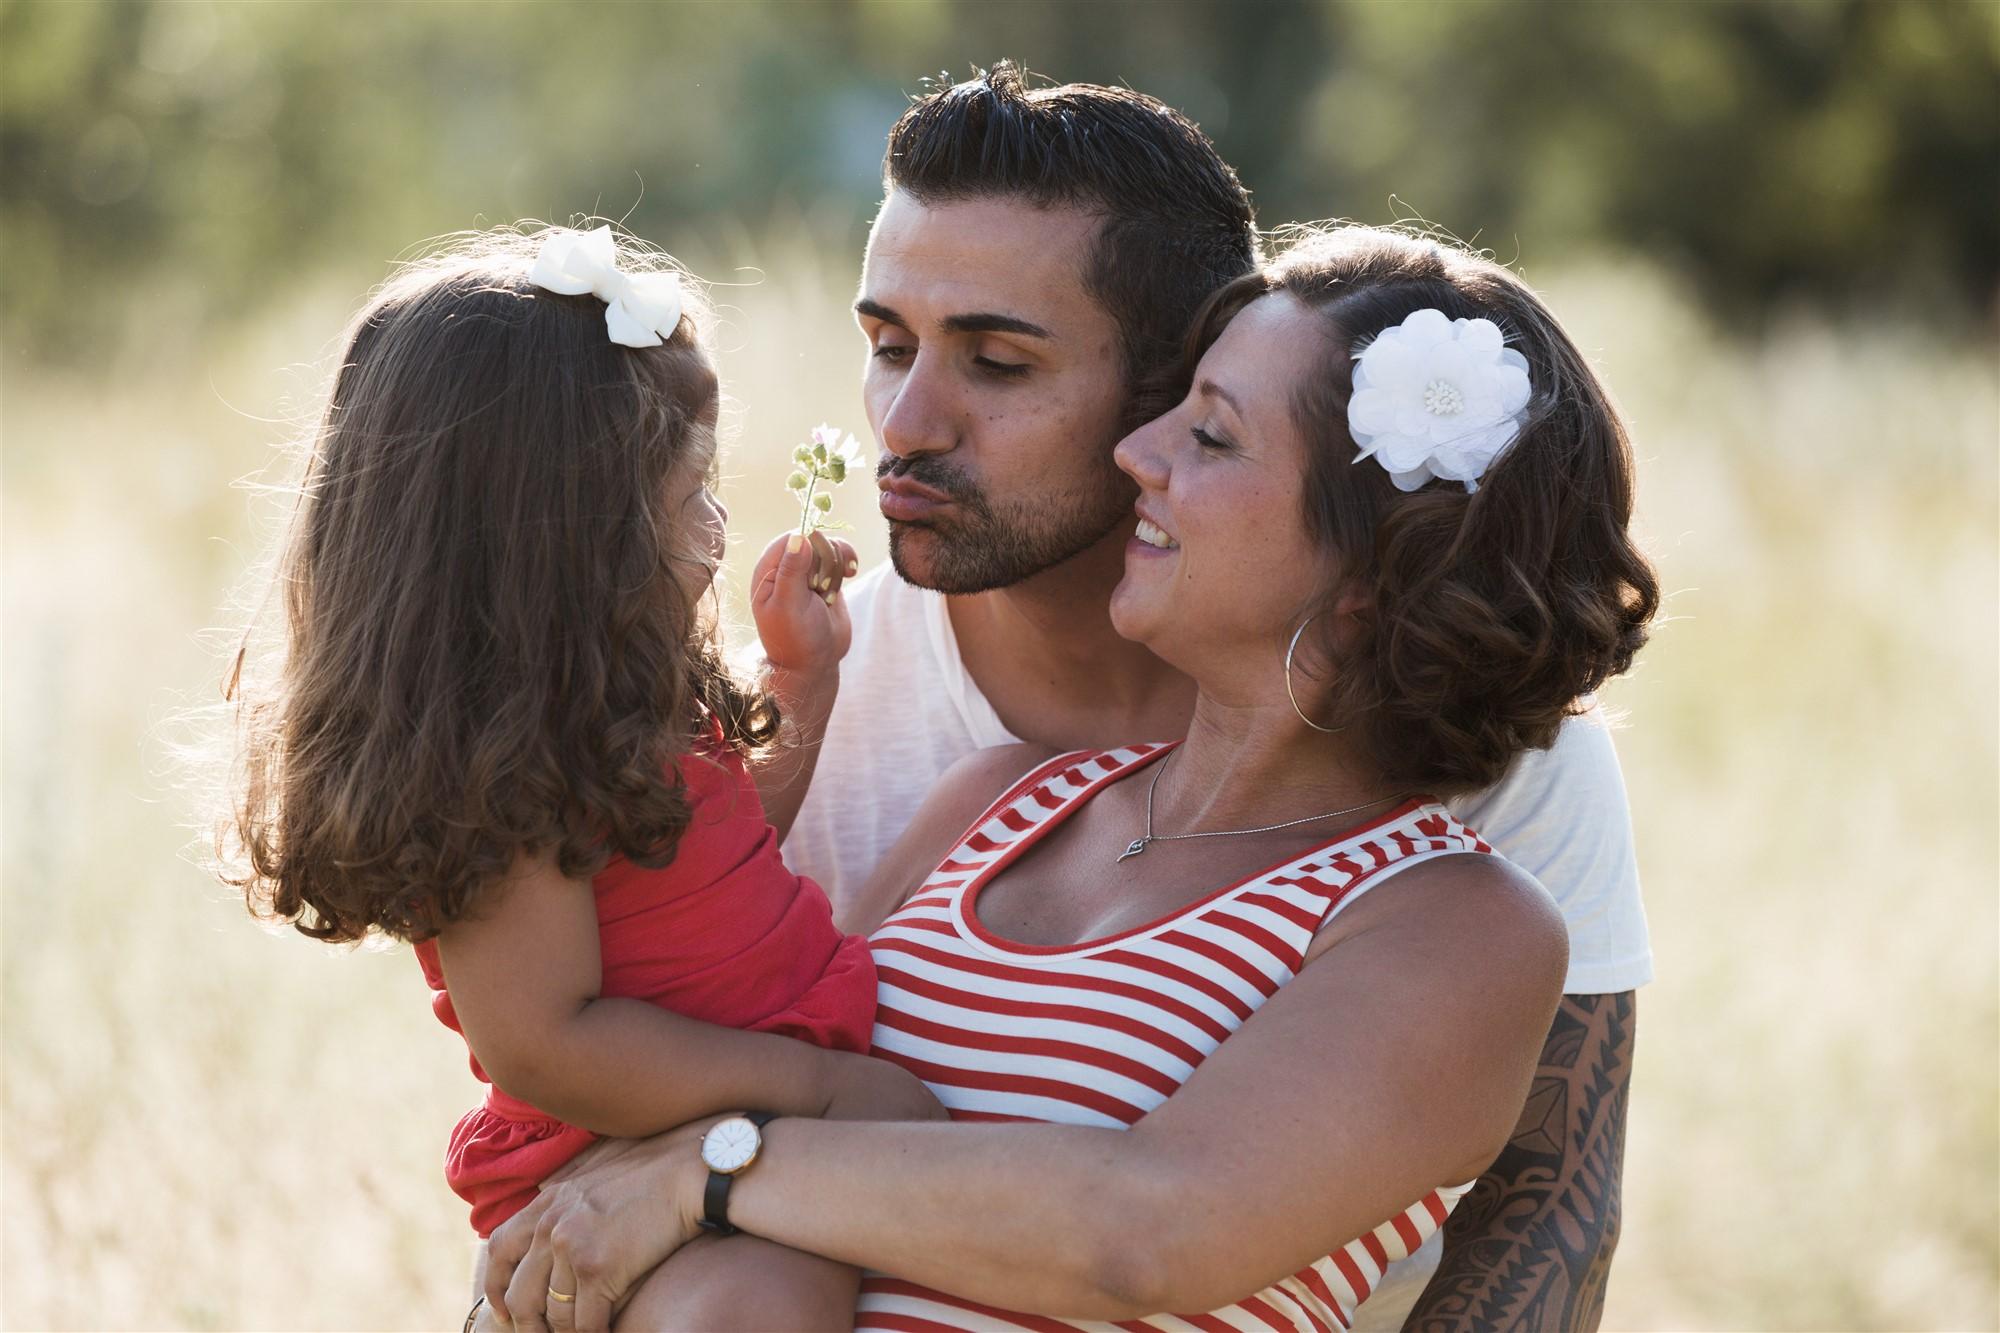 Die Eltern mit ihrer süssen Tochter beim Fotoshooting in der Natur